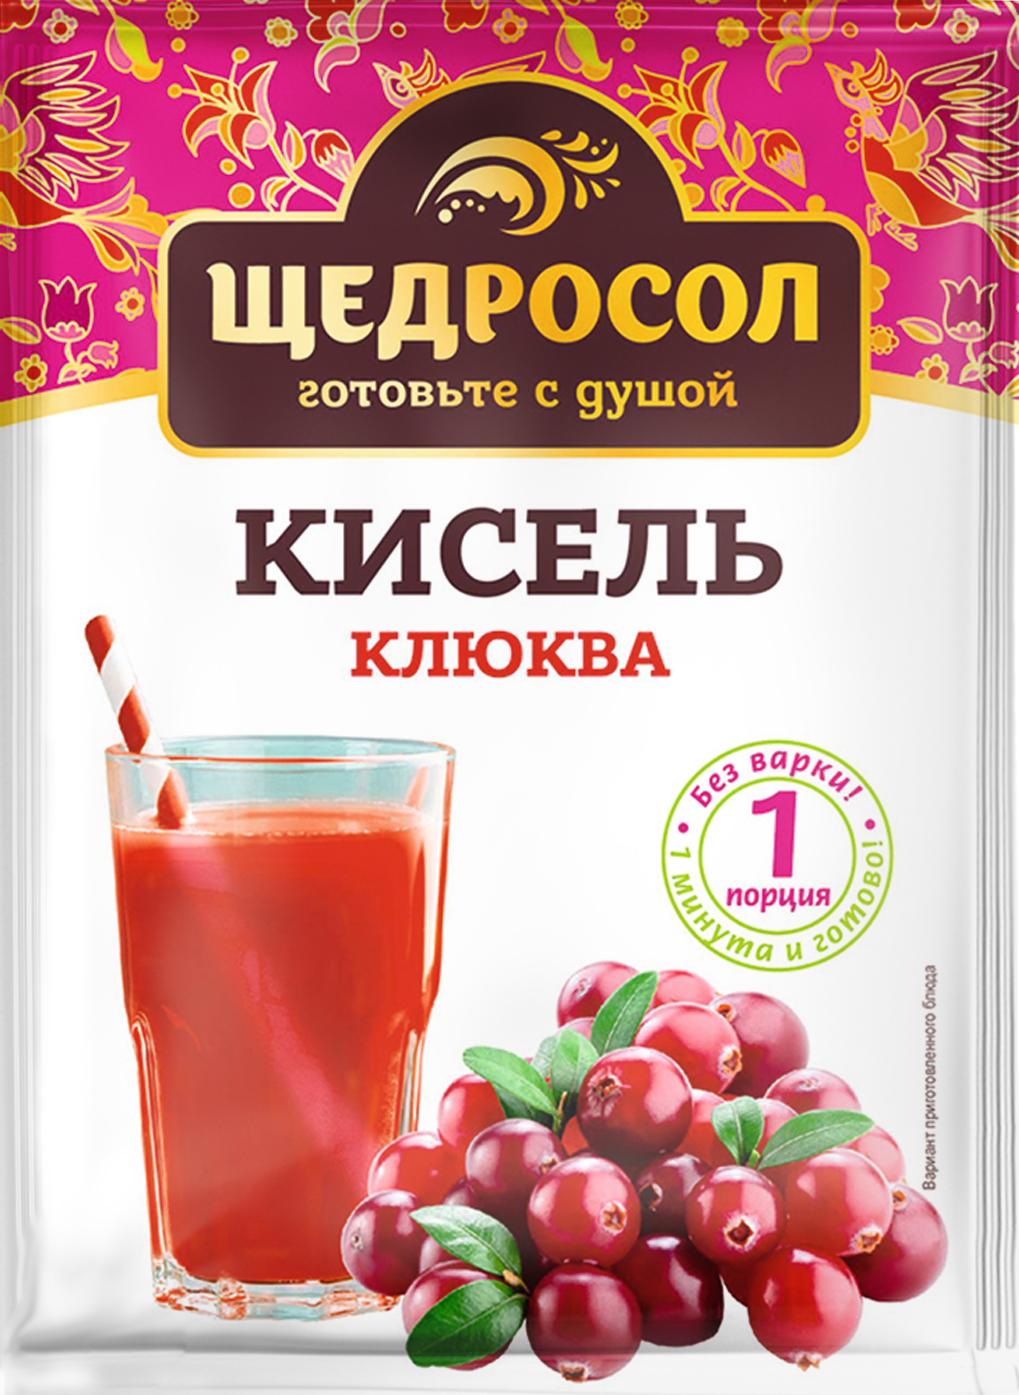 Кисель Щедросол быстрого приготовления Клюква 30г*30, Клюква еда быстрого приготовления